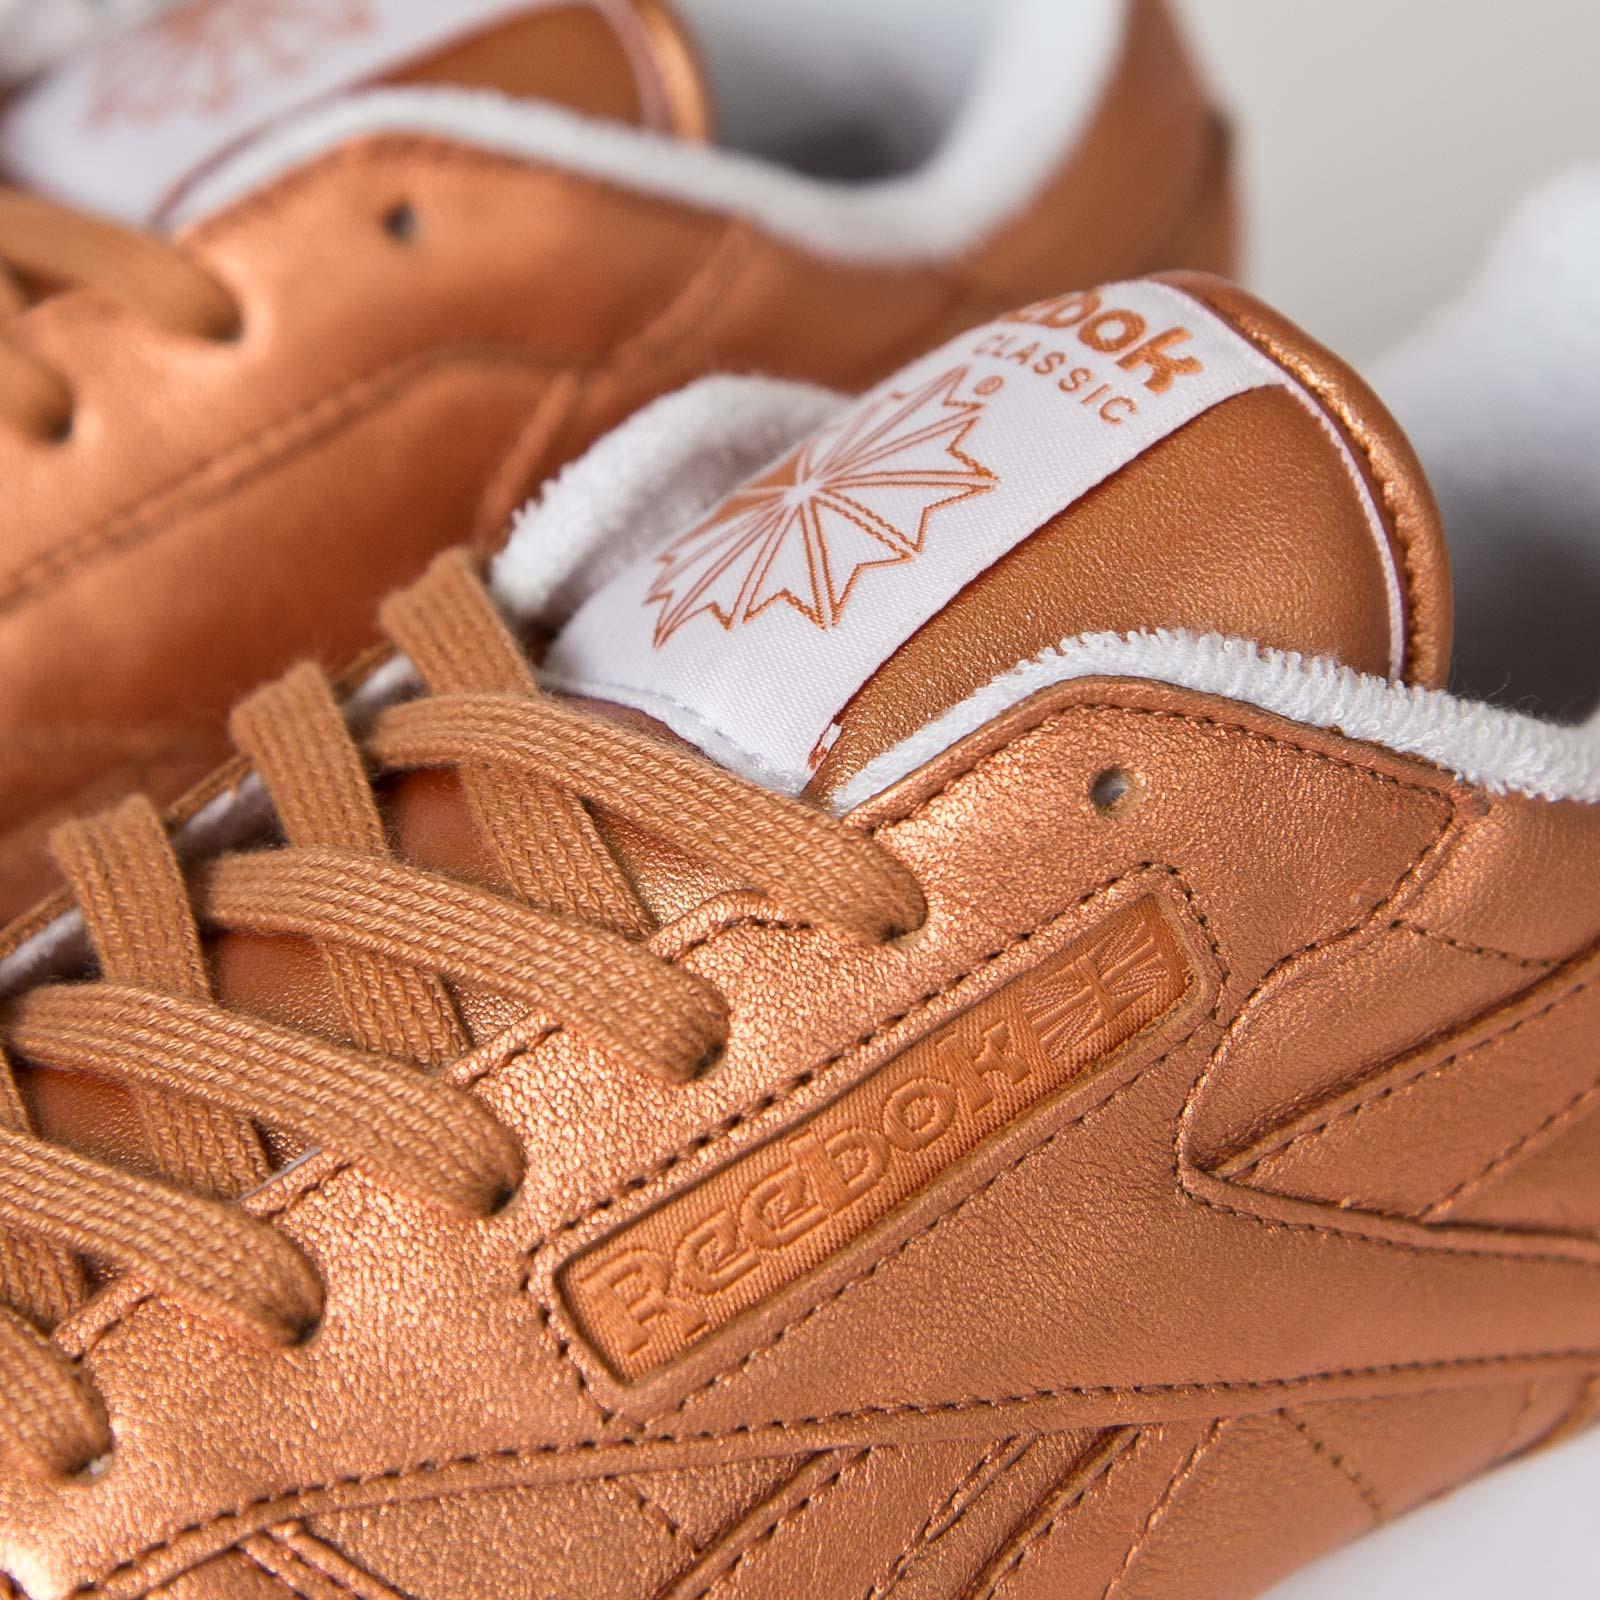 Conexión Hacia abajo Silenciosamente  Reebok Classic Leather Spirit - V67022 - Sneakersnstuff   sneakers &  streetwear online since 1999